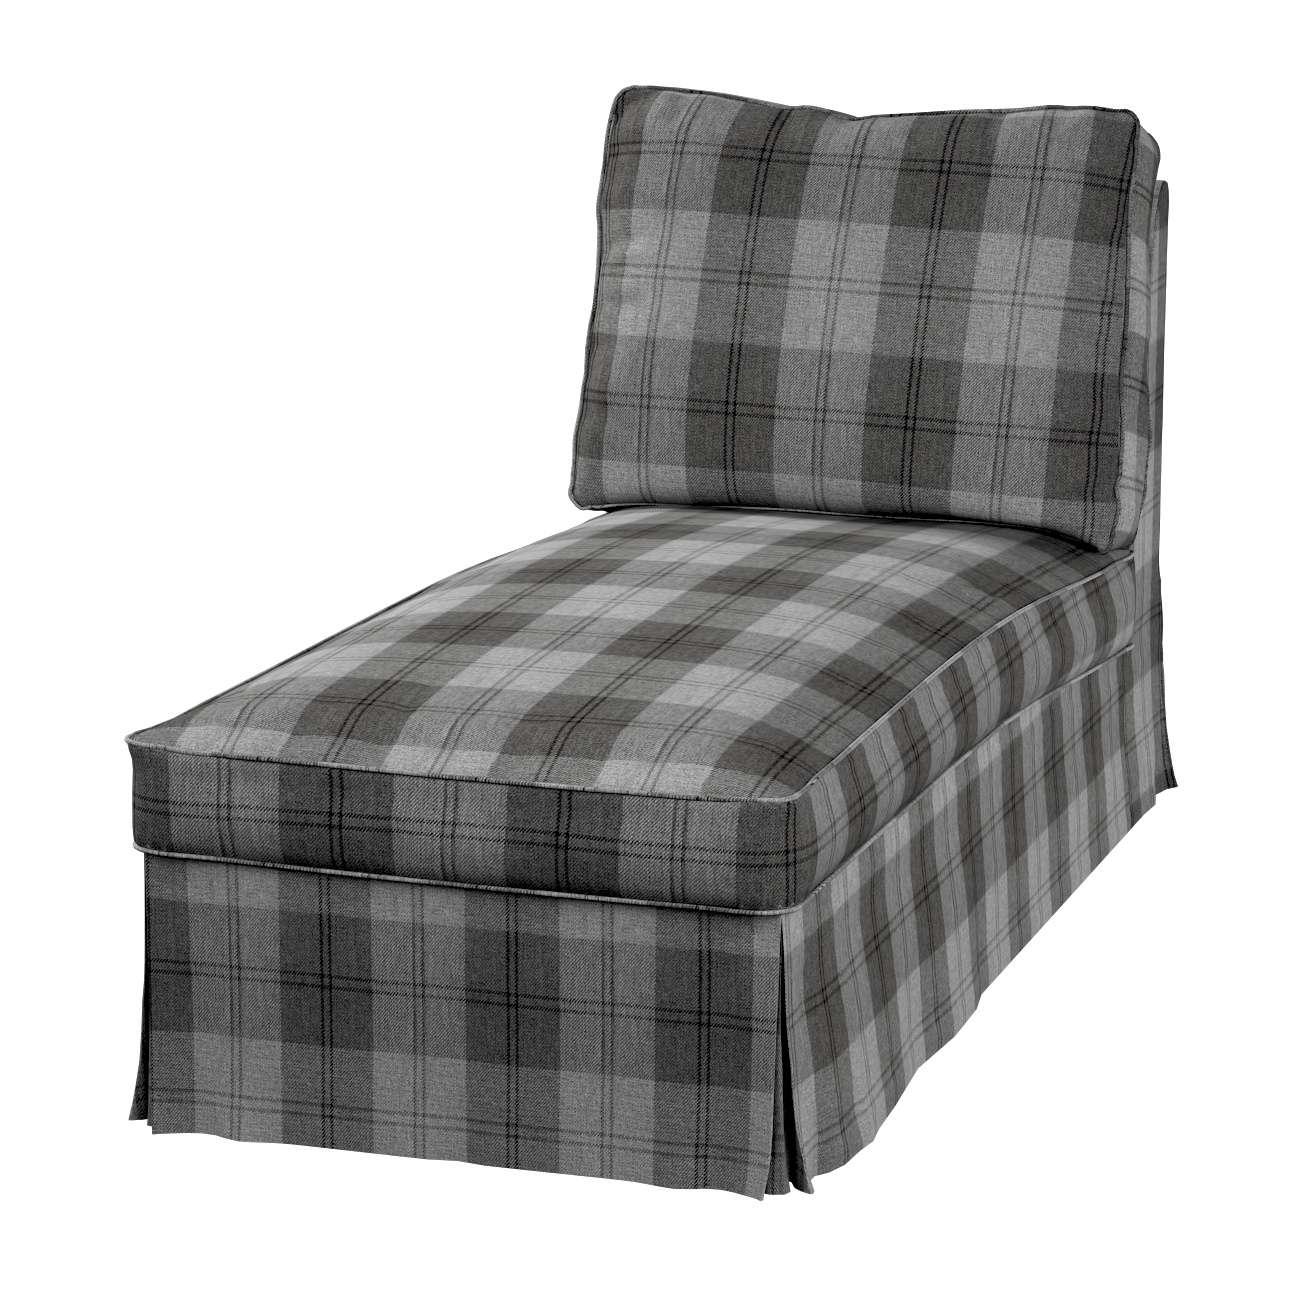 Pokrowiec na szezlong/ leżankę Ektorp wolnostojący prosty tył w kolekcji Edinburgh, tkanina: 115-75